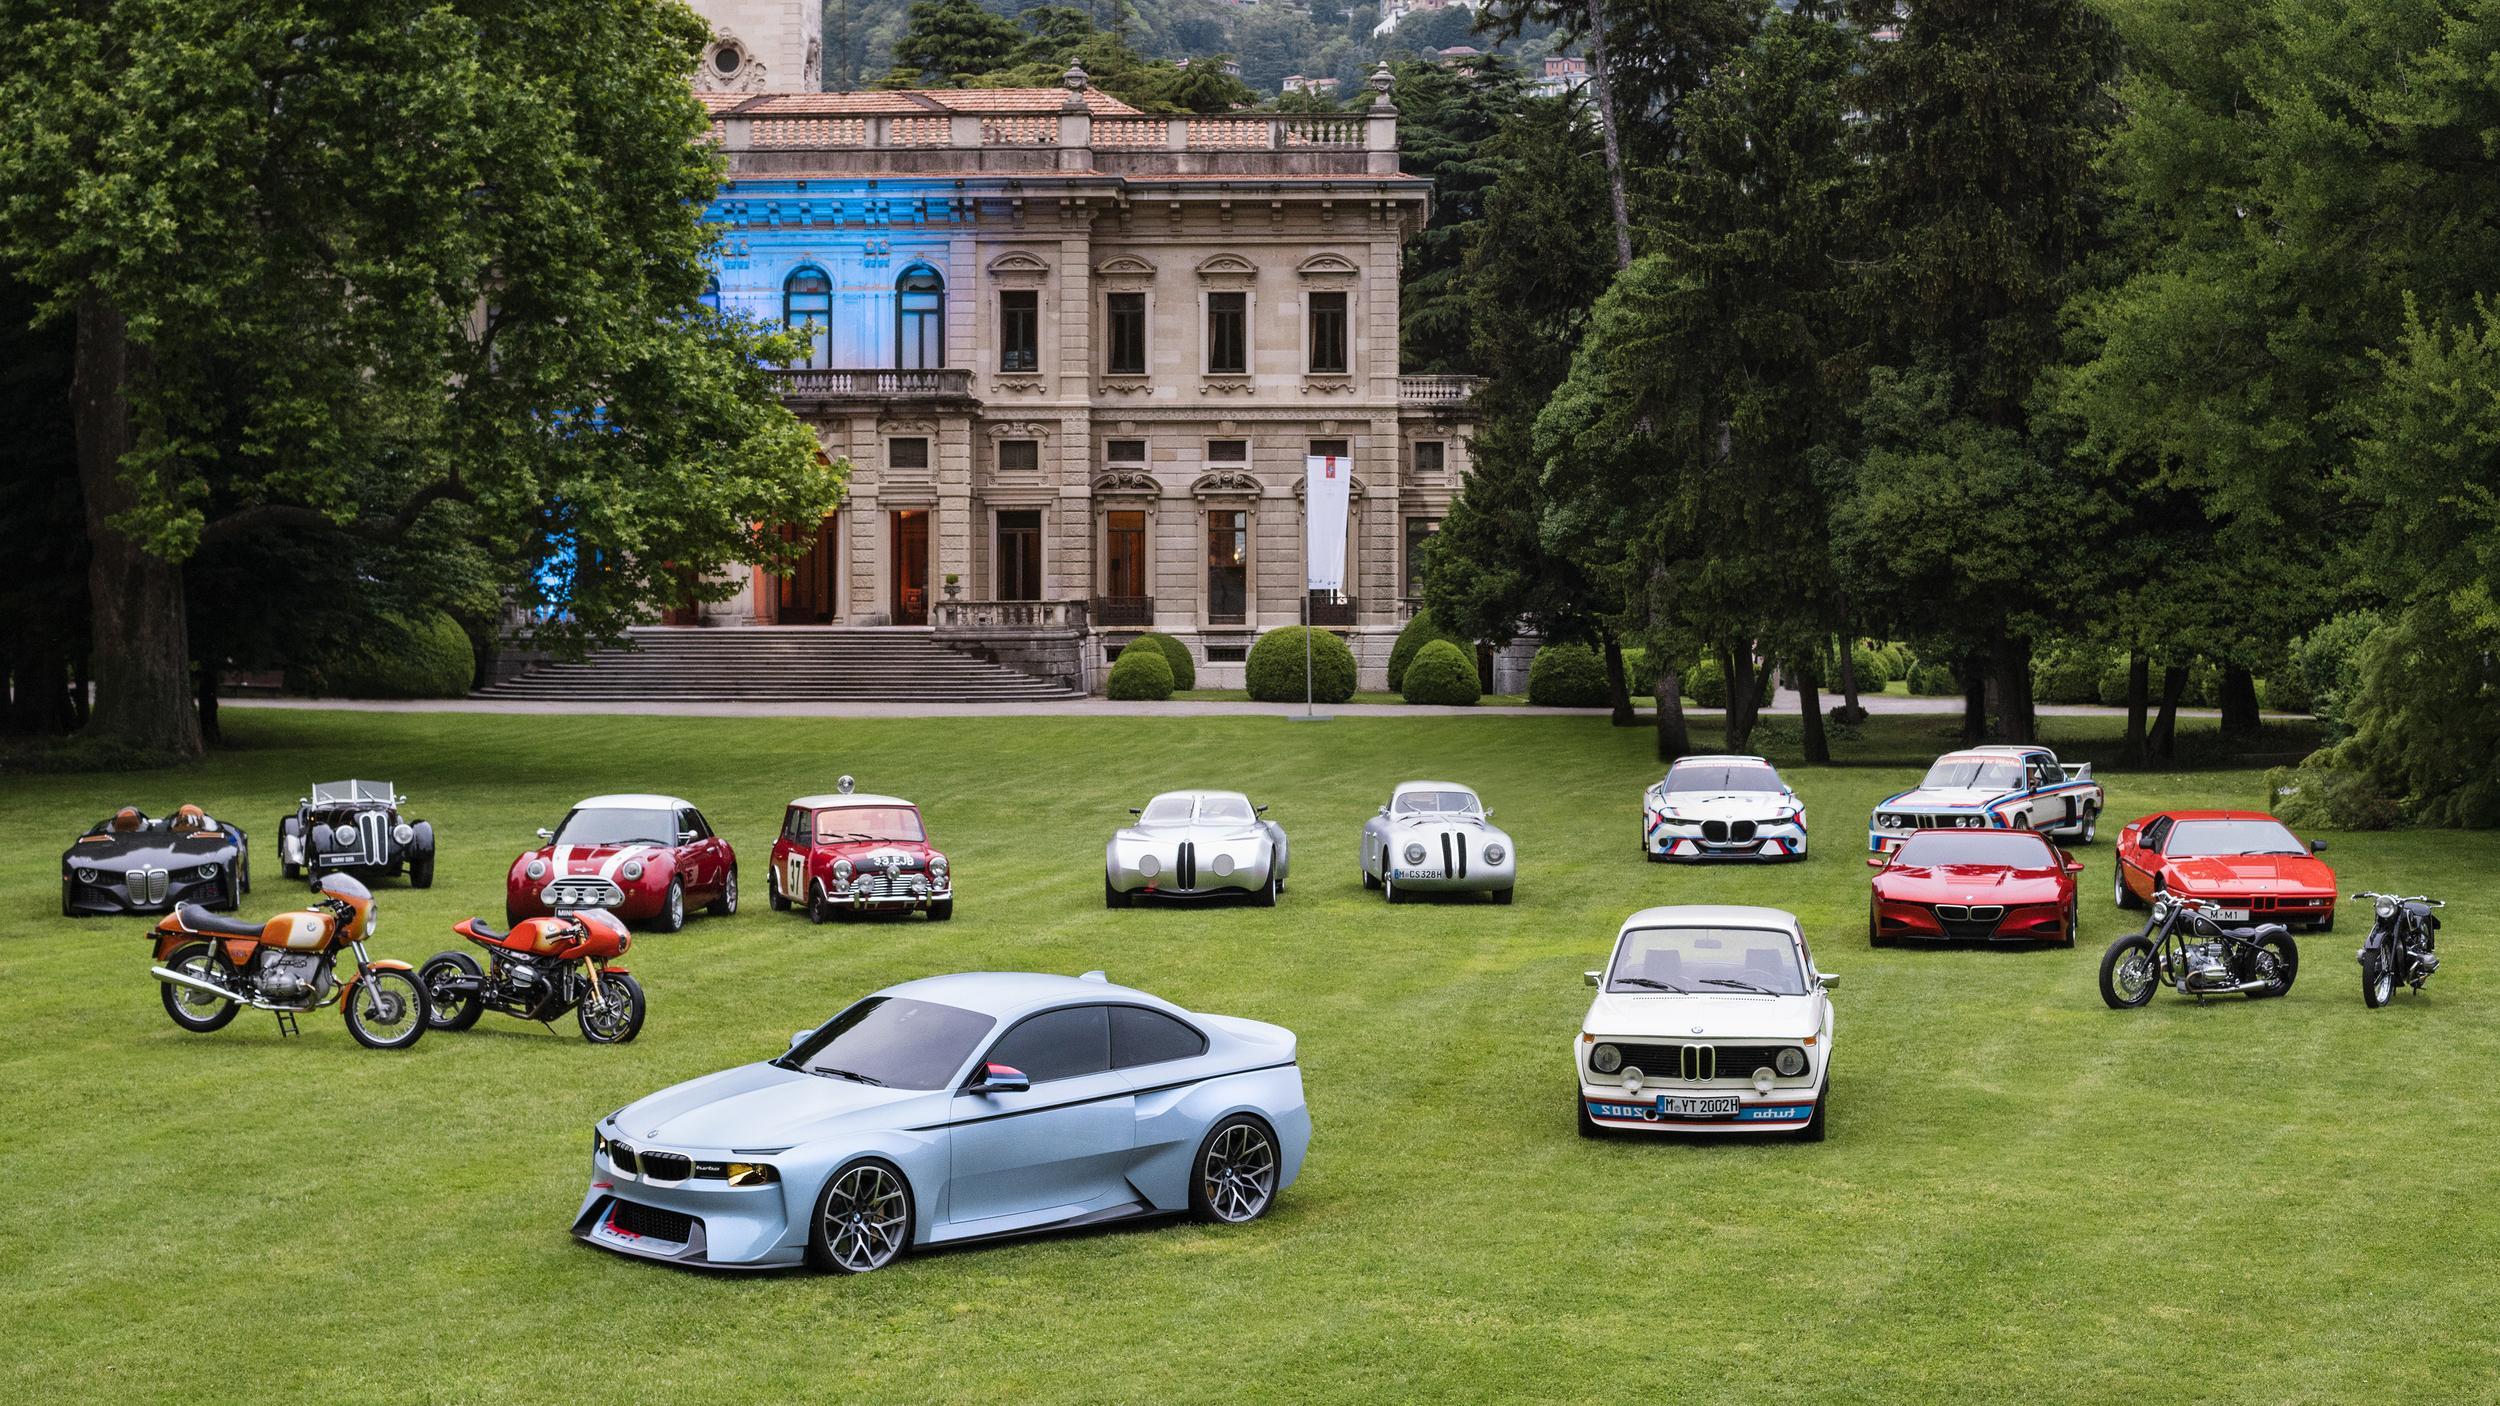 BMW 、過去の名車を現代に甦らせる「オマージュ」シリーズを一堂に展示!